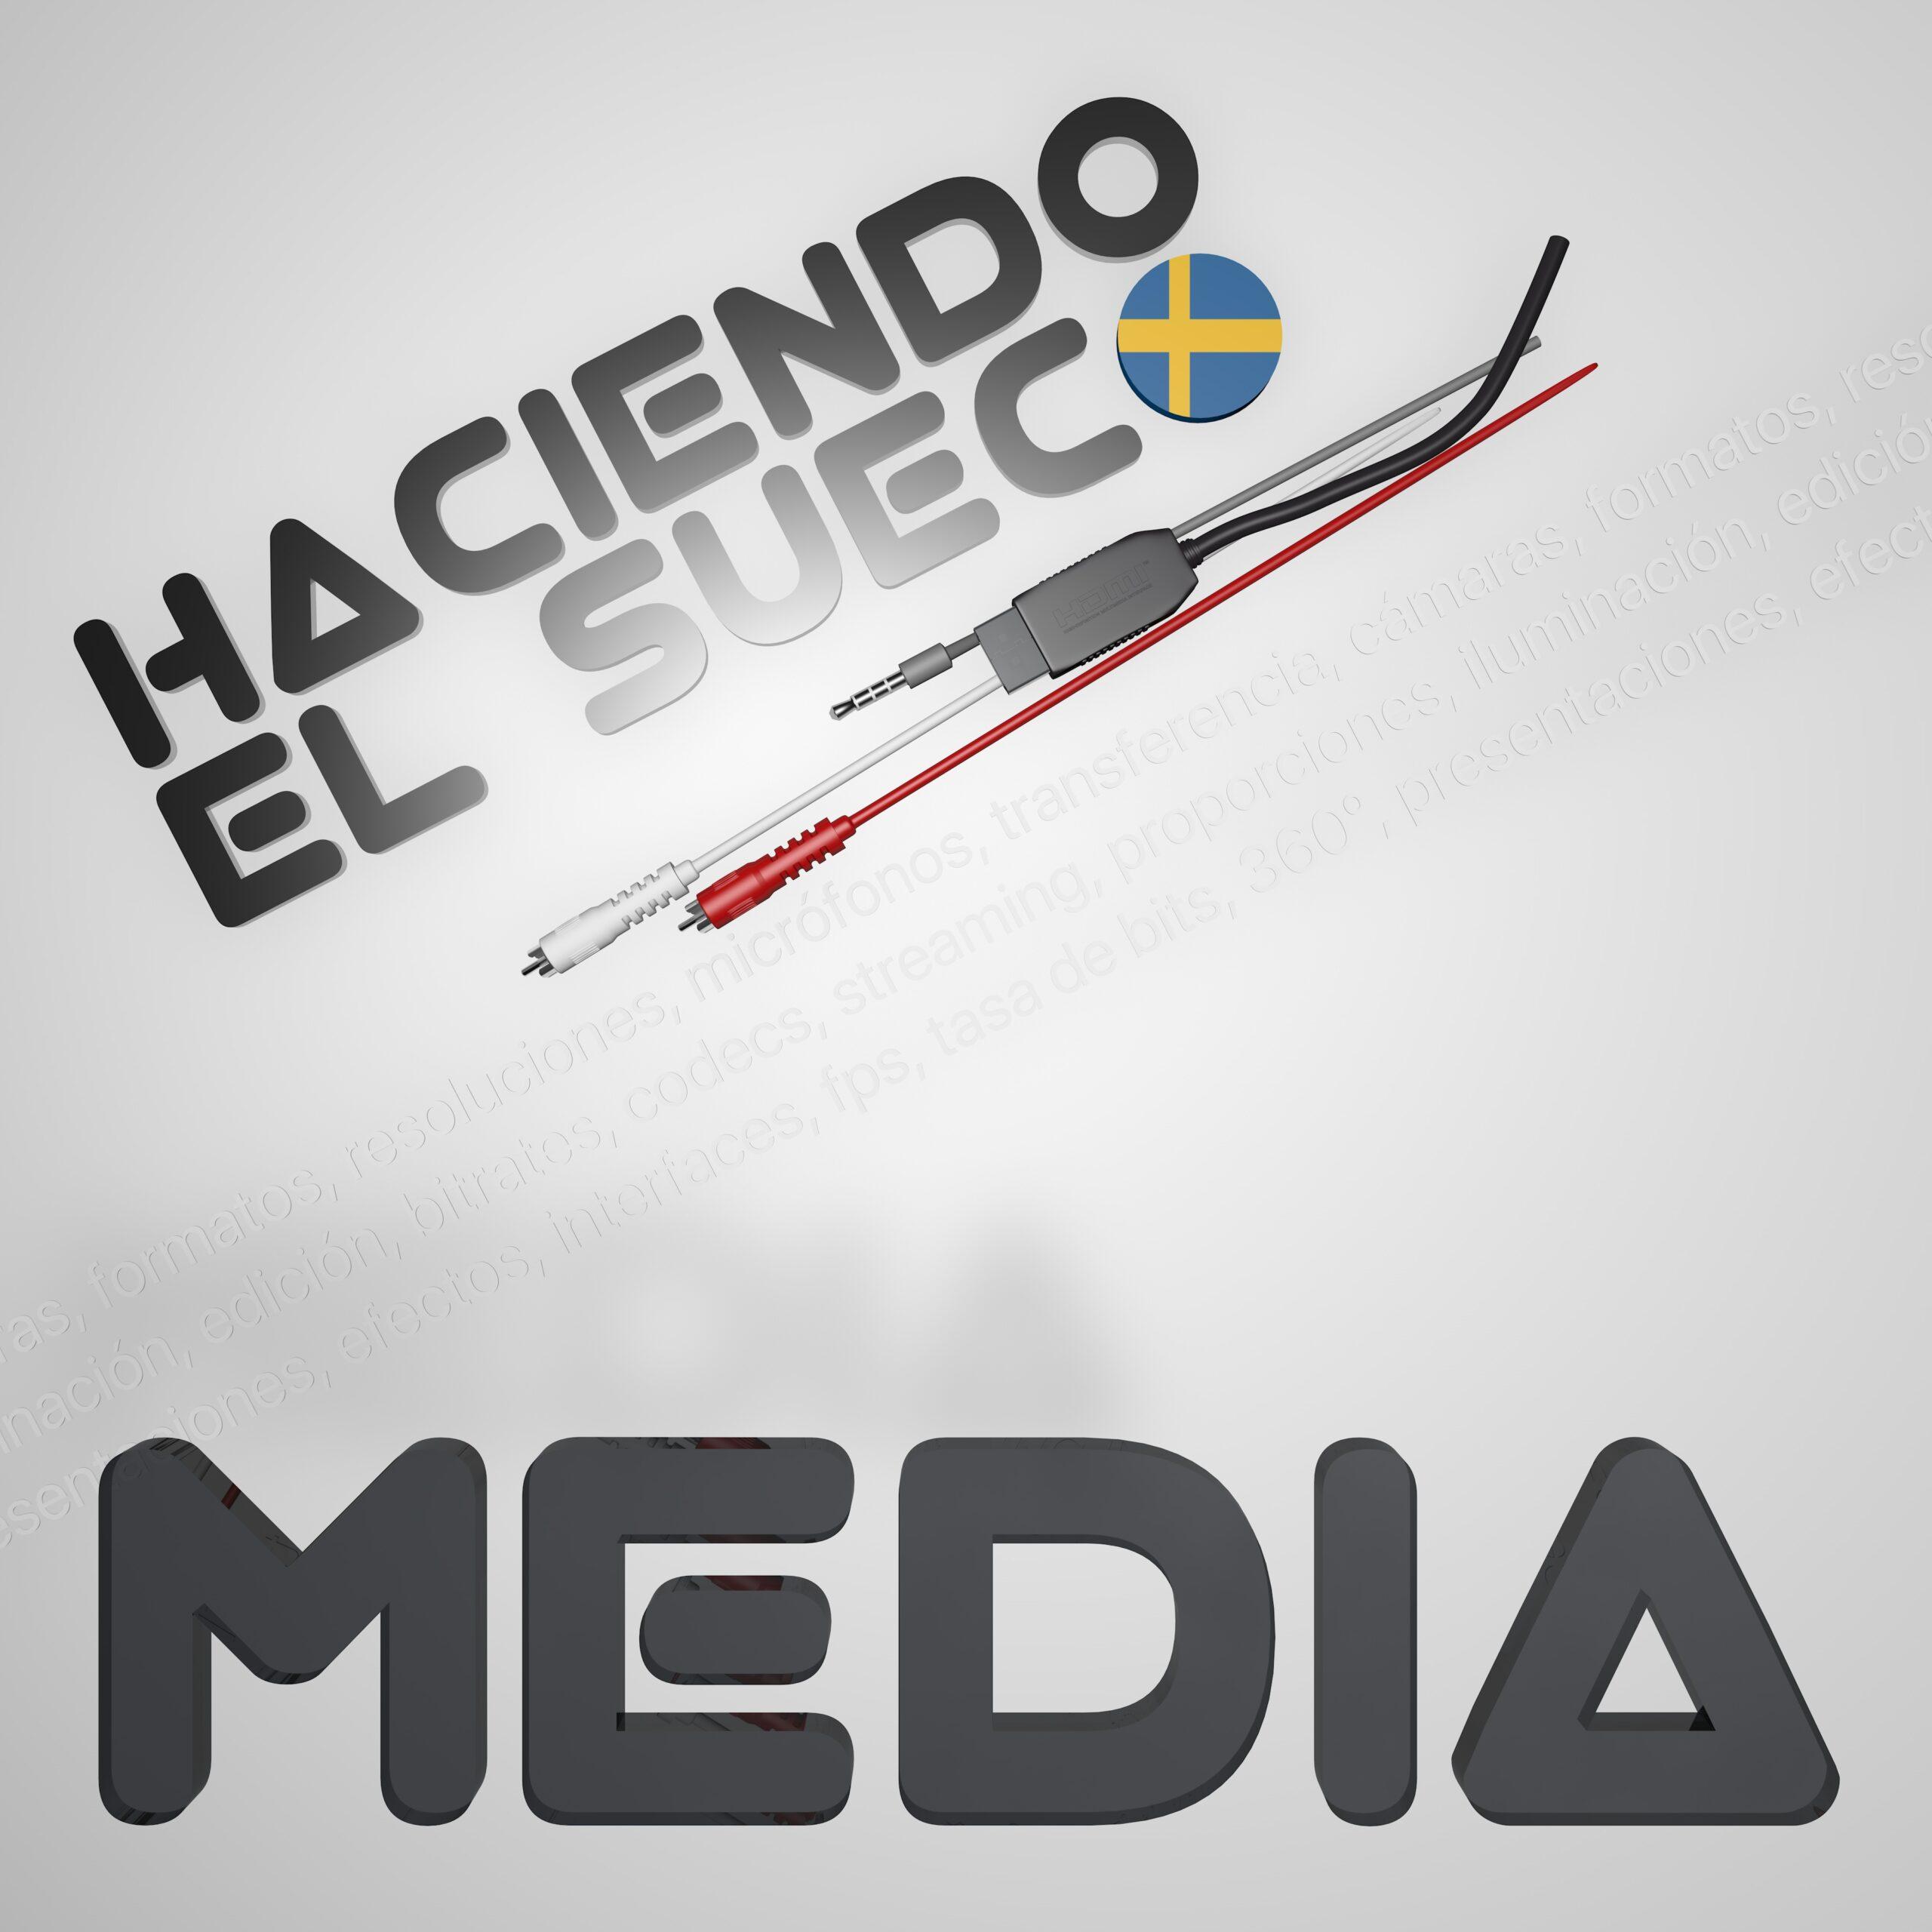 Nuevo podcast: Haciendo el Sueco MEDIA, un podcast sobre creación multimedia